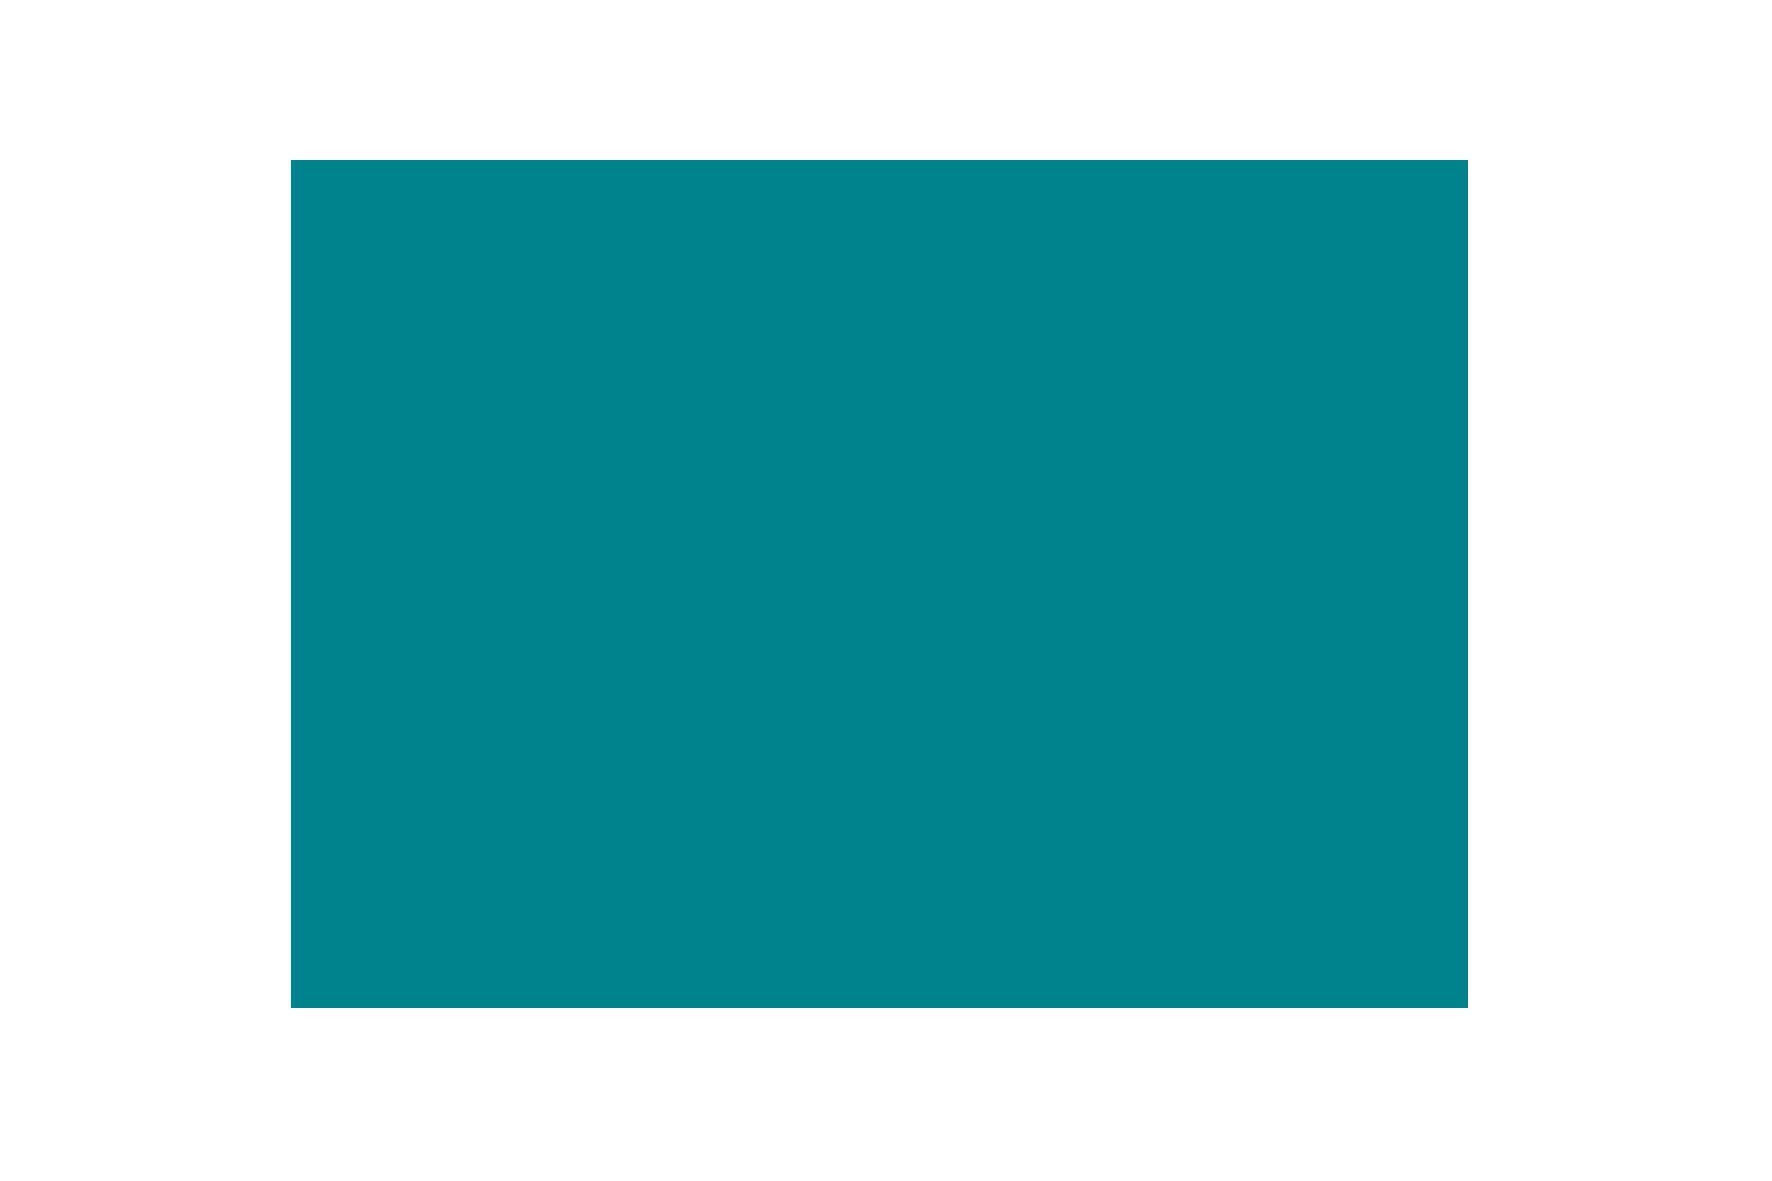 Holo Token logo